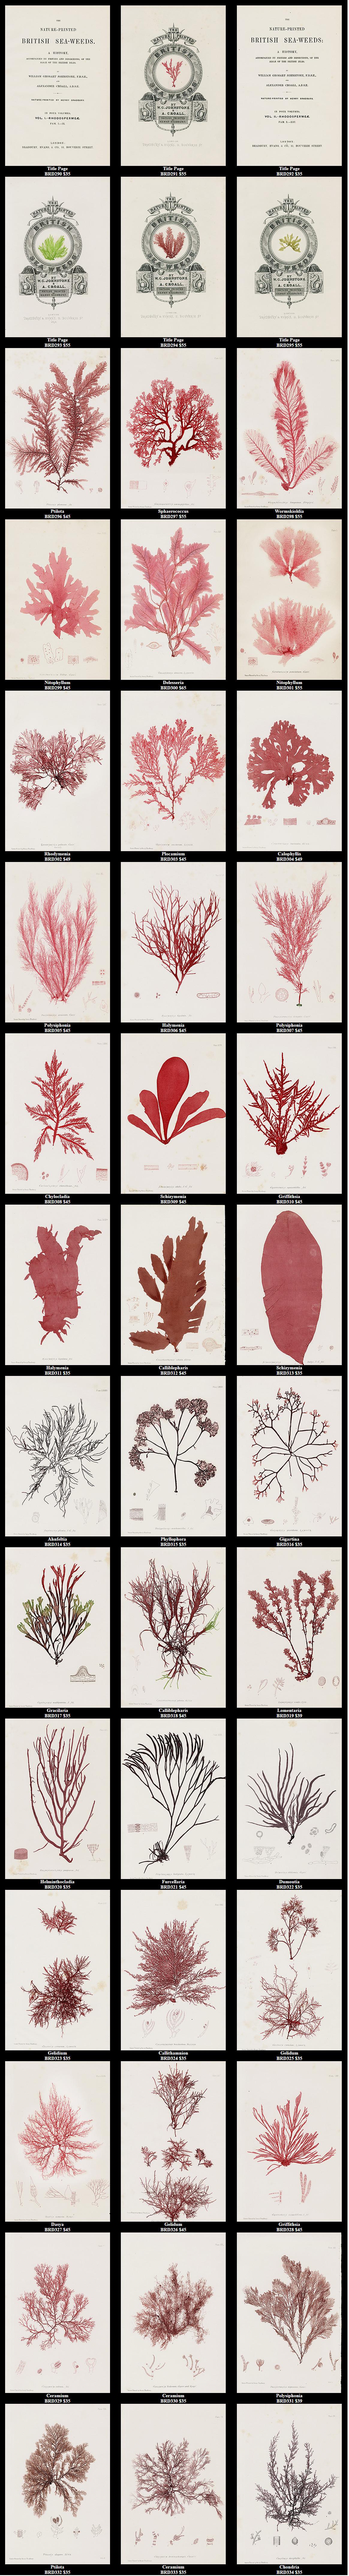 Pin de Valentina Romero en flora,fauna,anatomía | Pinterest ...